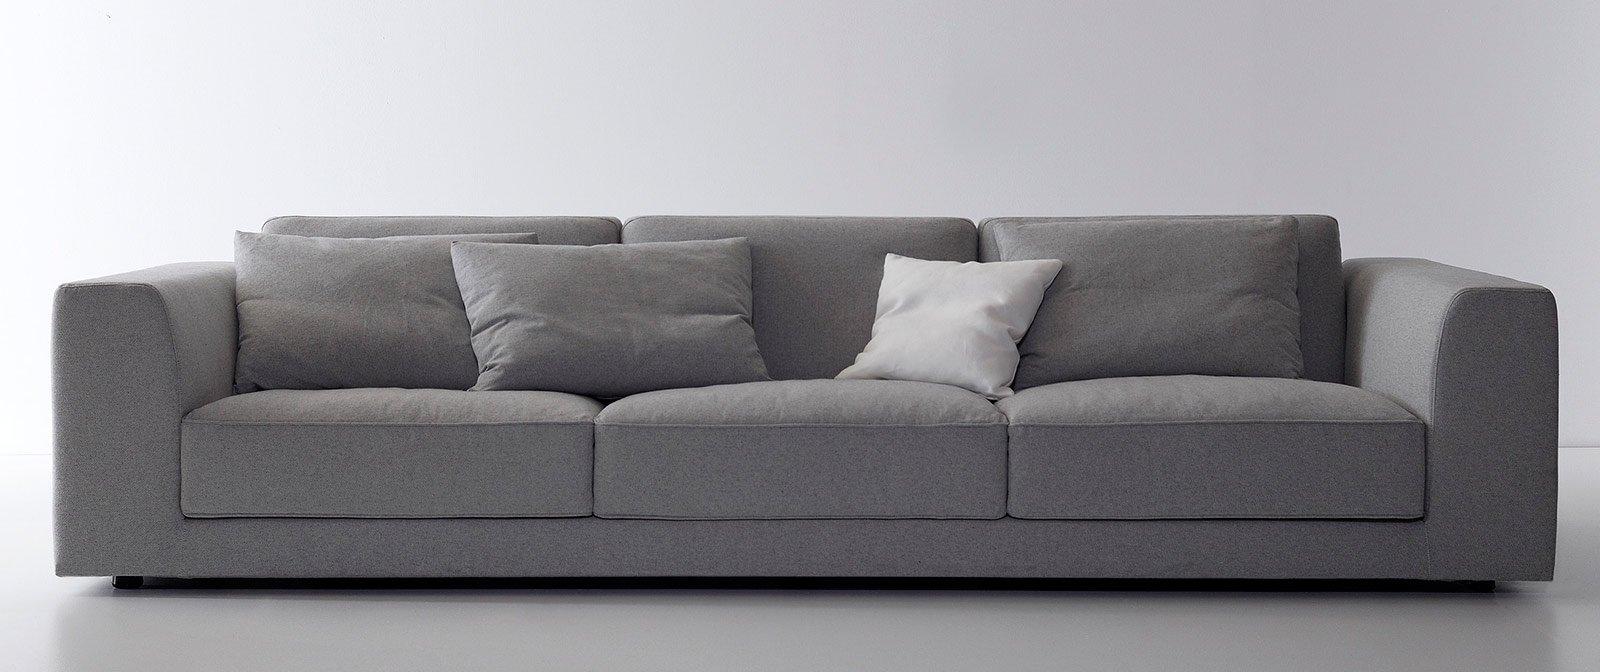 Ebay divano letto ikea : divano letto ikea usato ebay. ebay divano ...